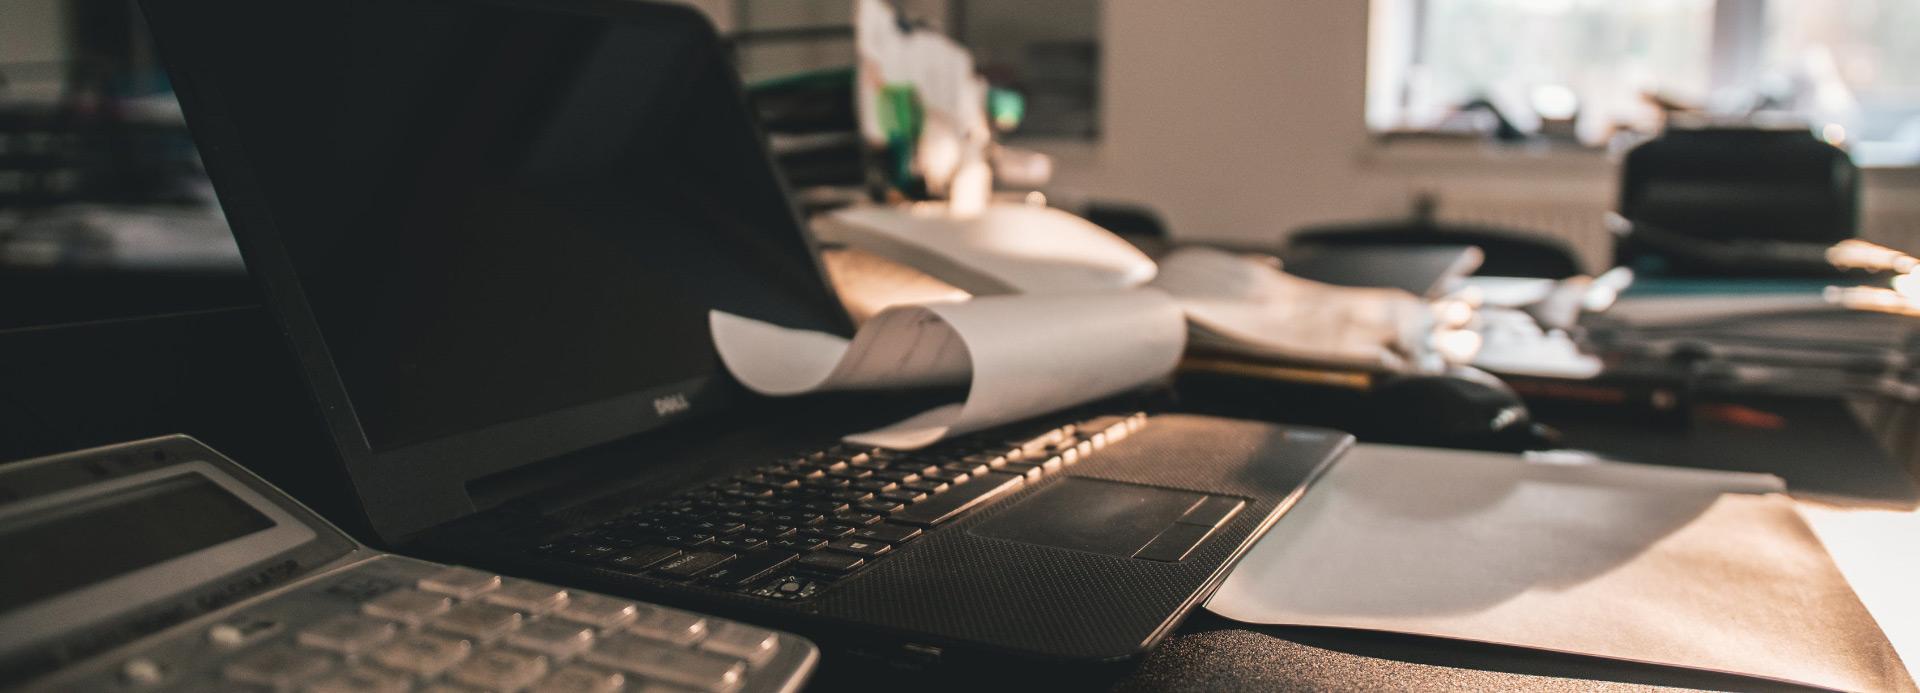 Foto Schreibtisch mit Laptop